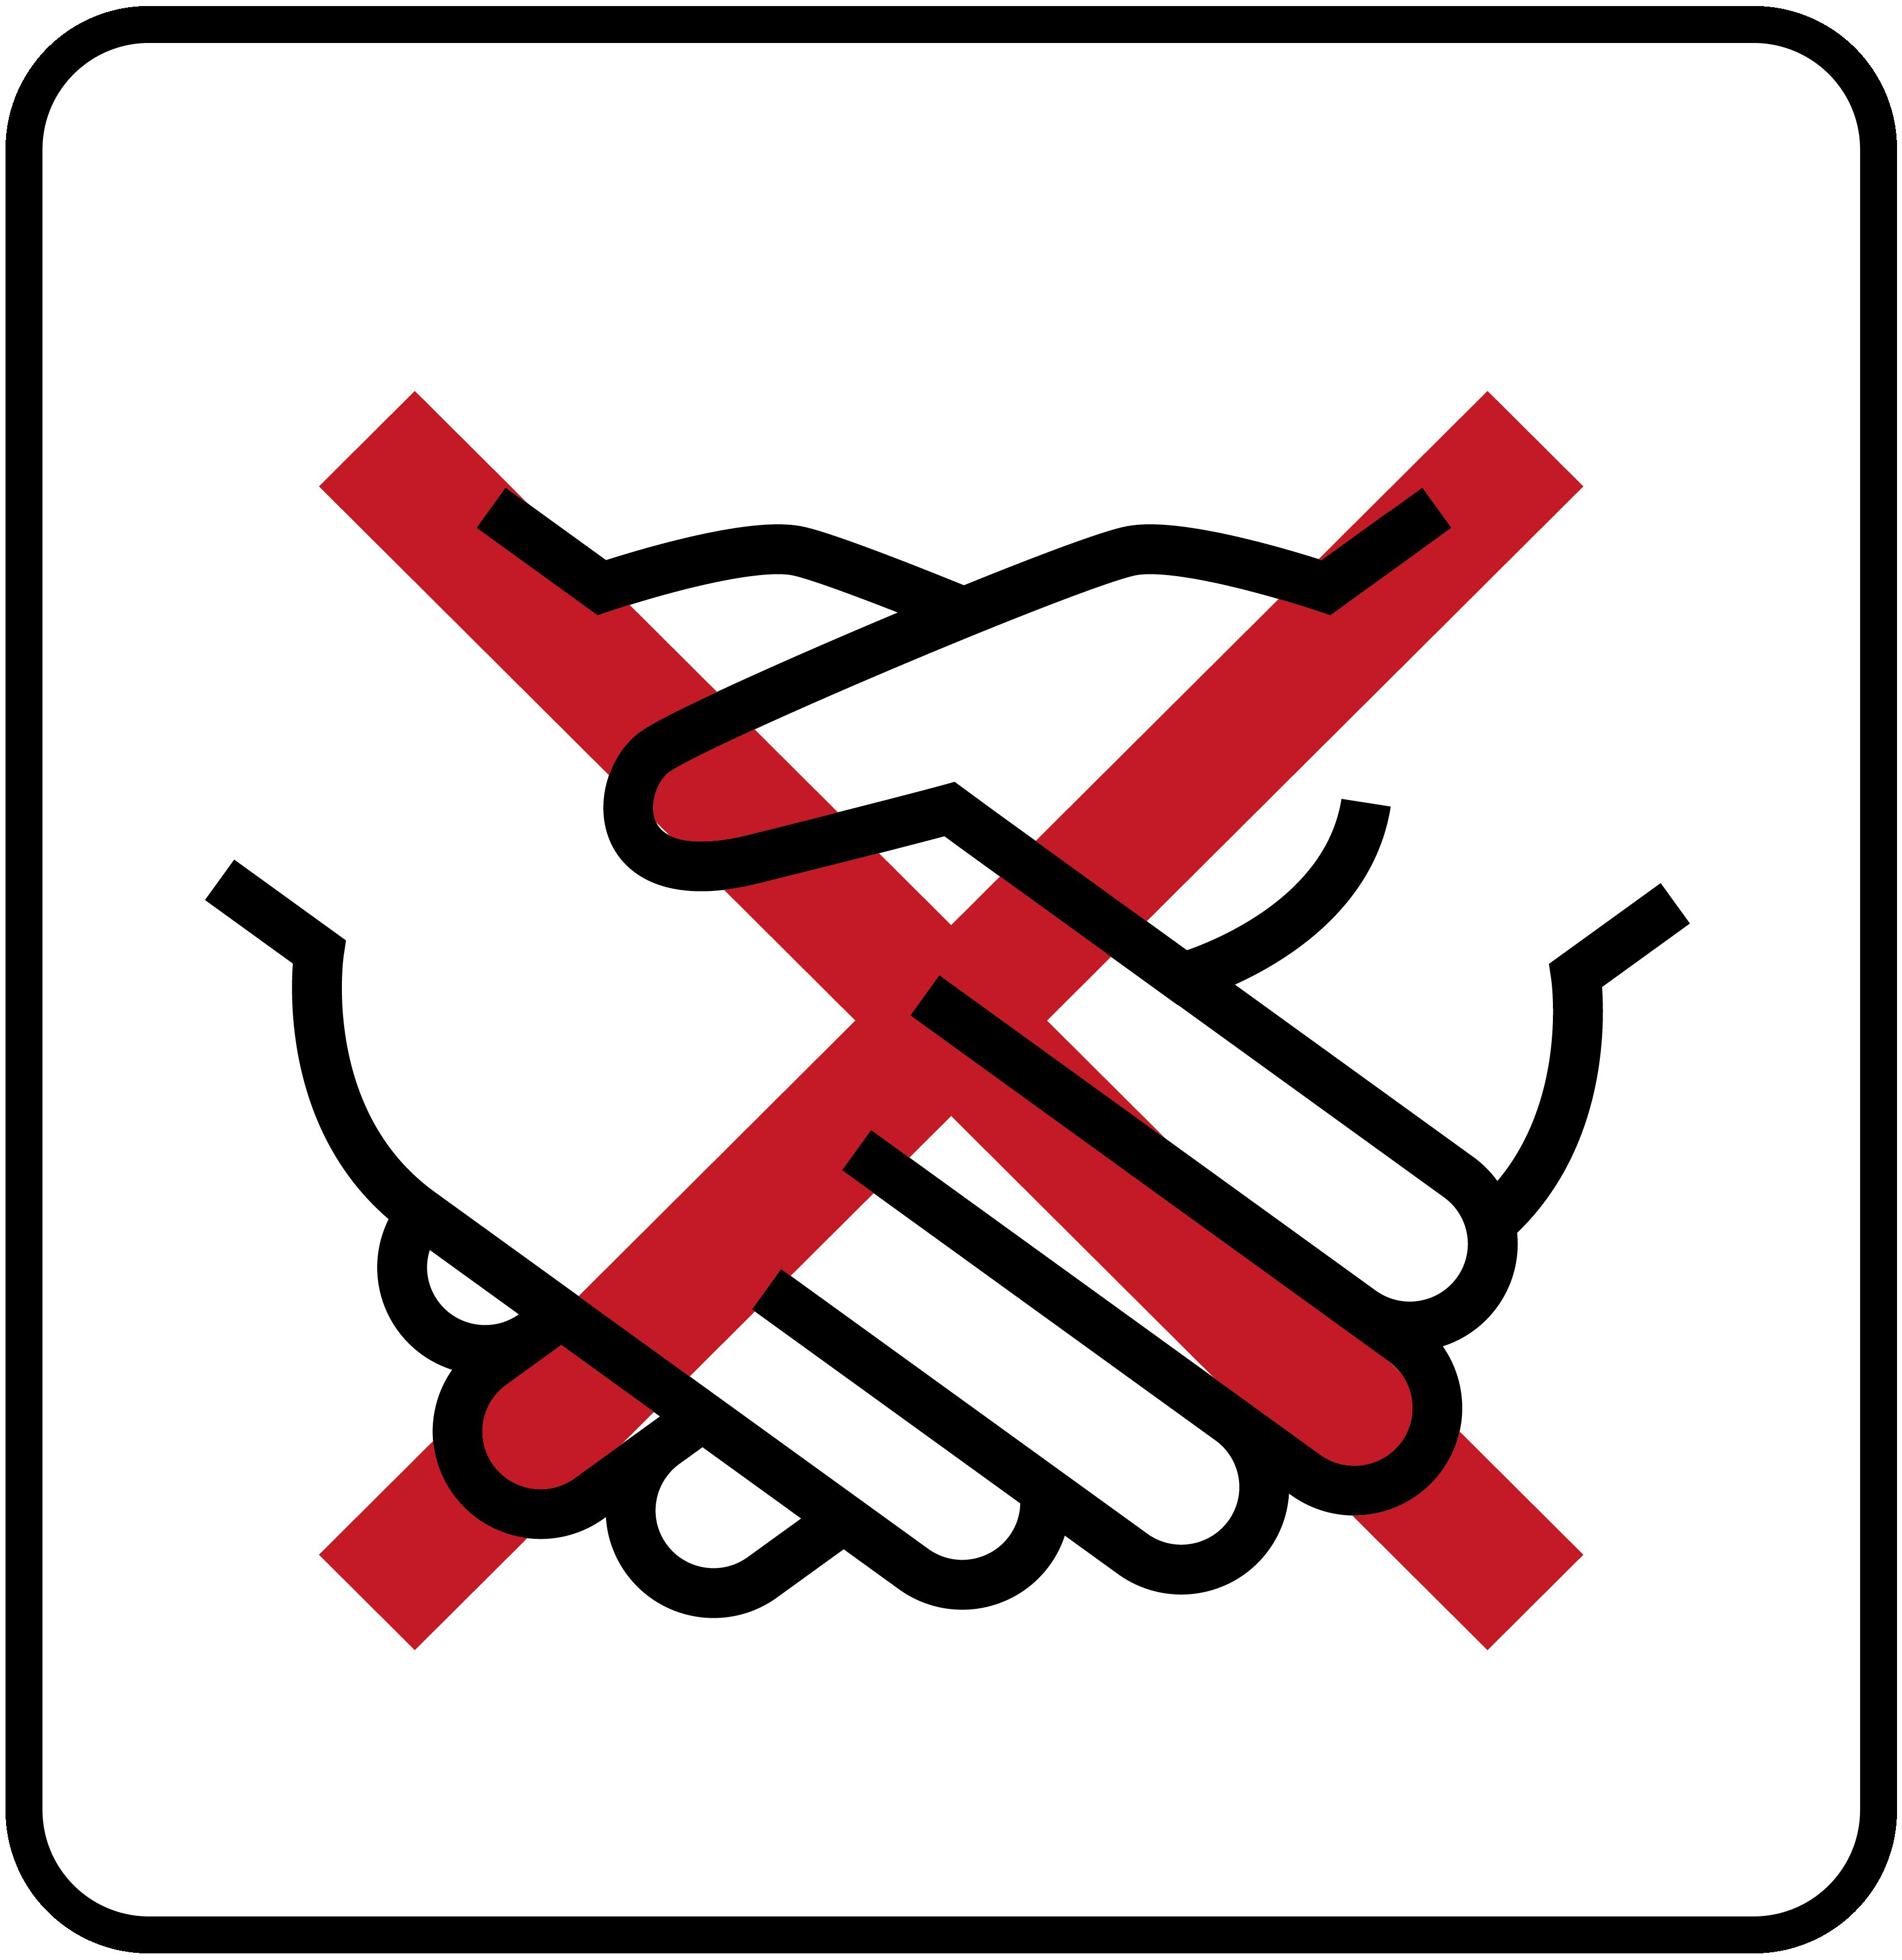 Verzicht auf Händeschütteln